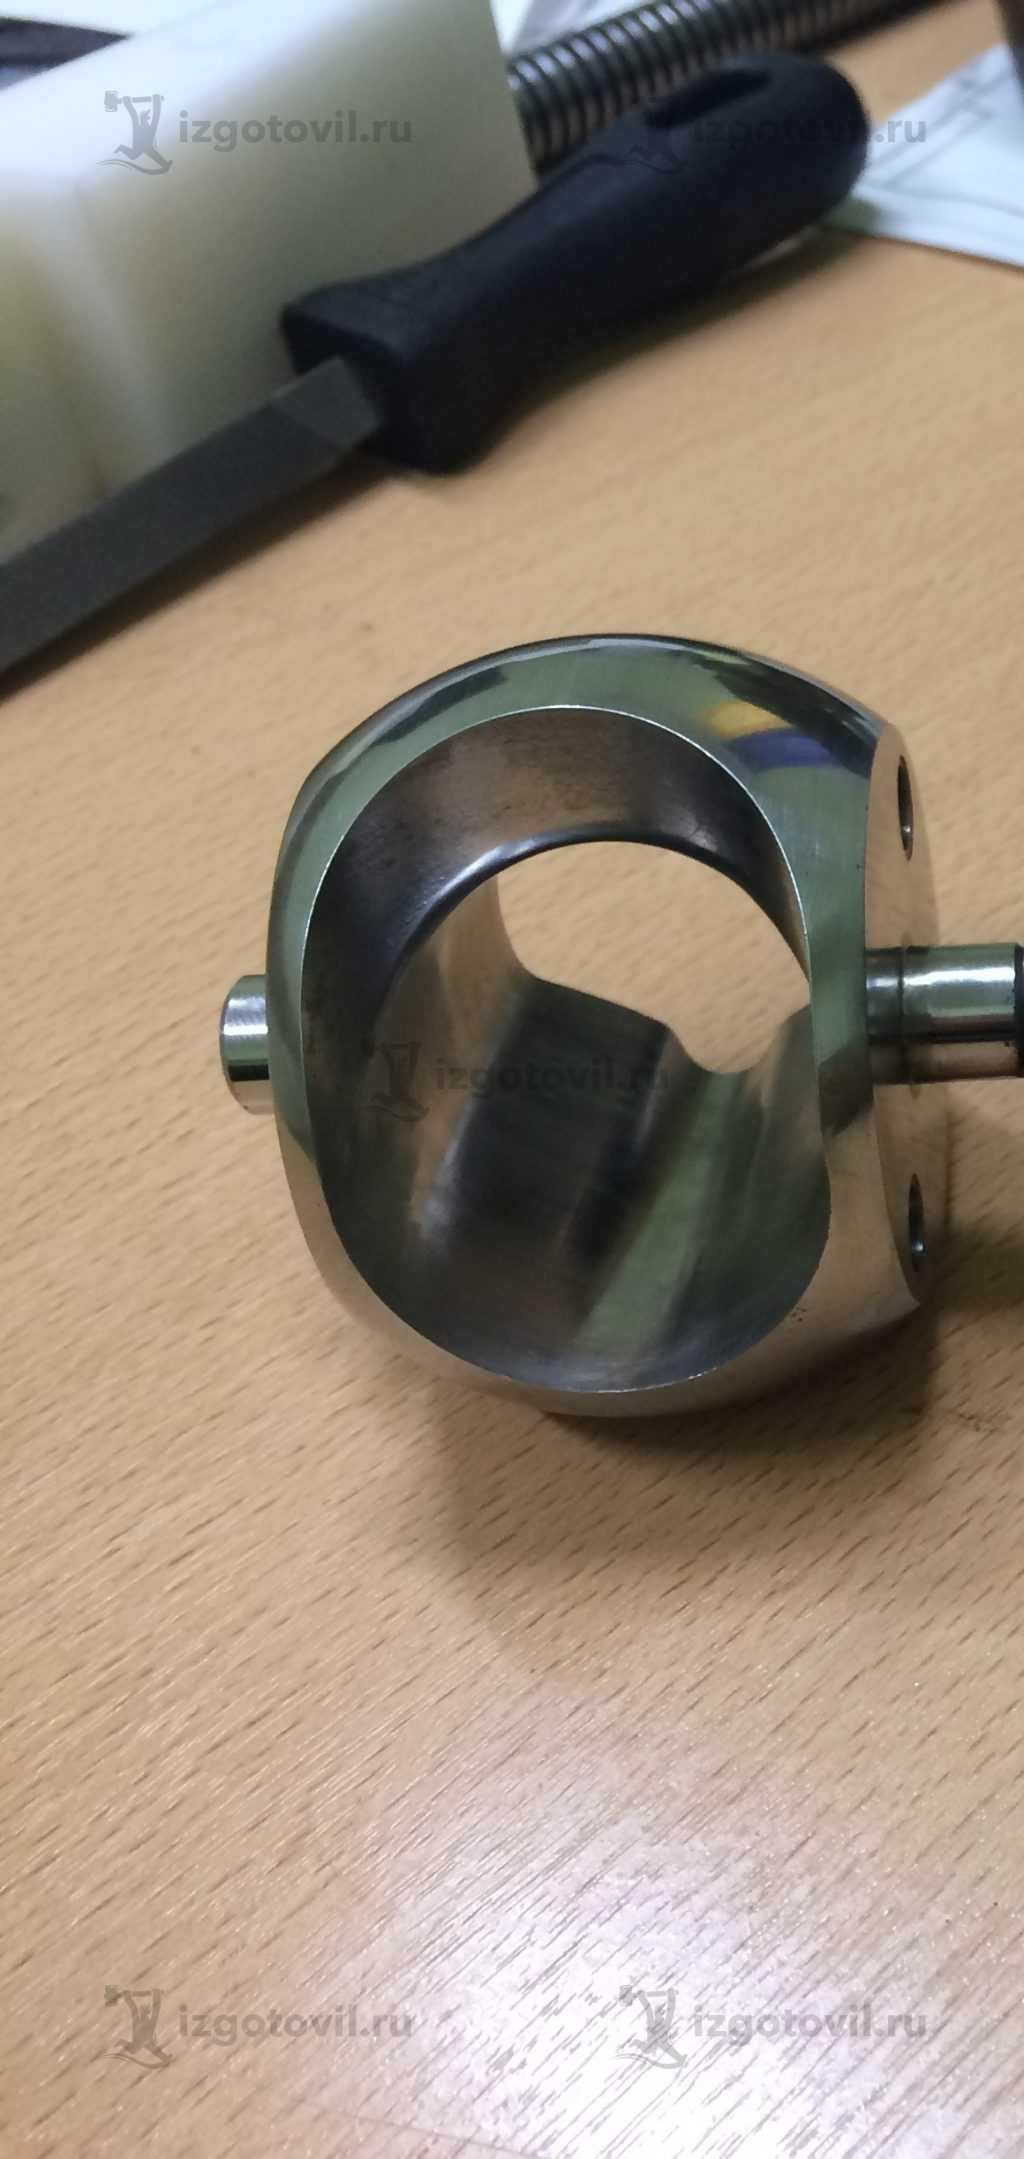 Изготовление деталей на заказ (ножи сферический и плоский)